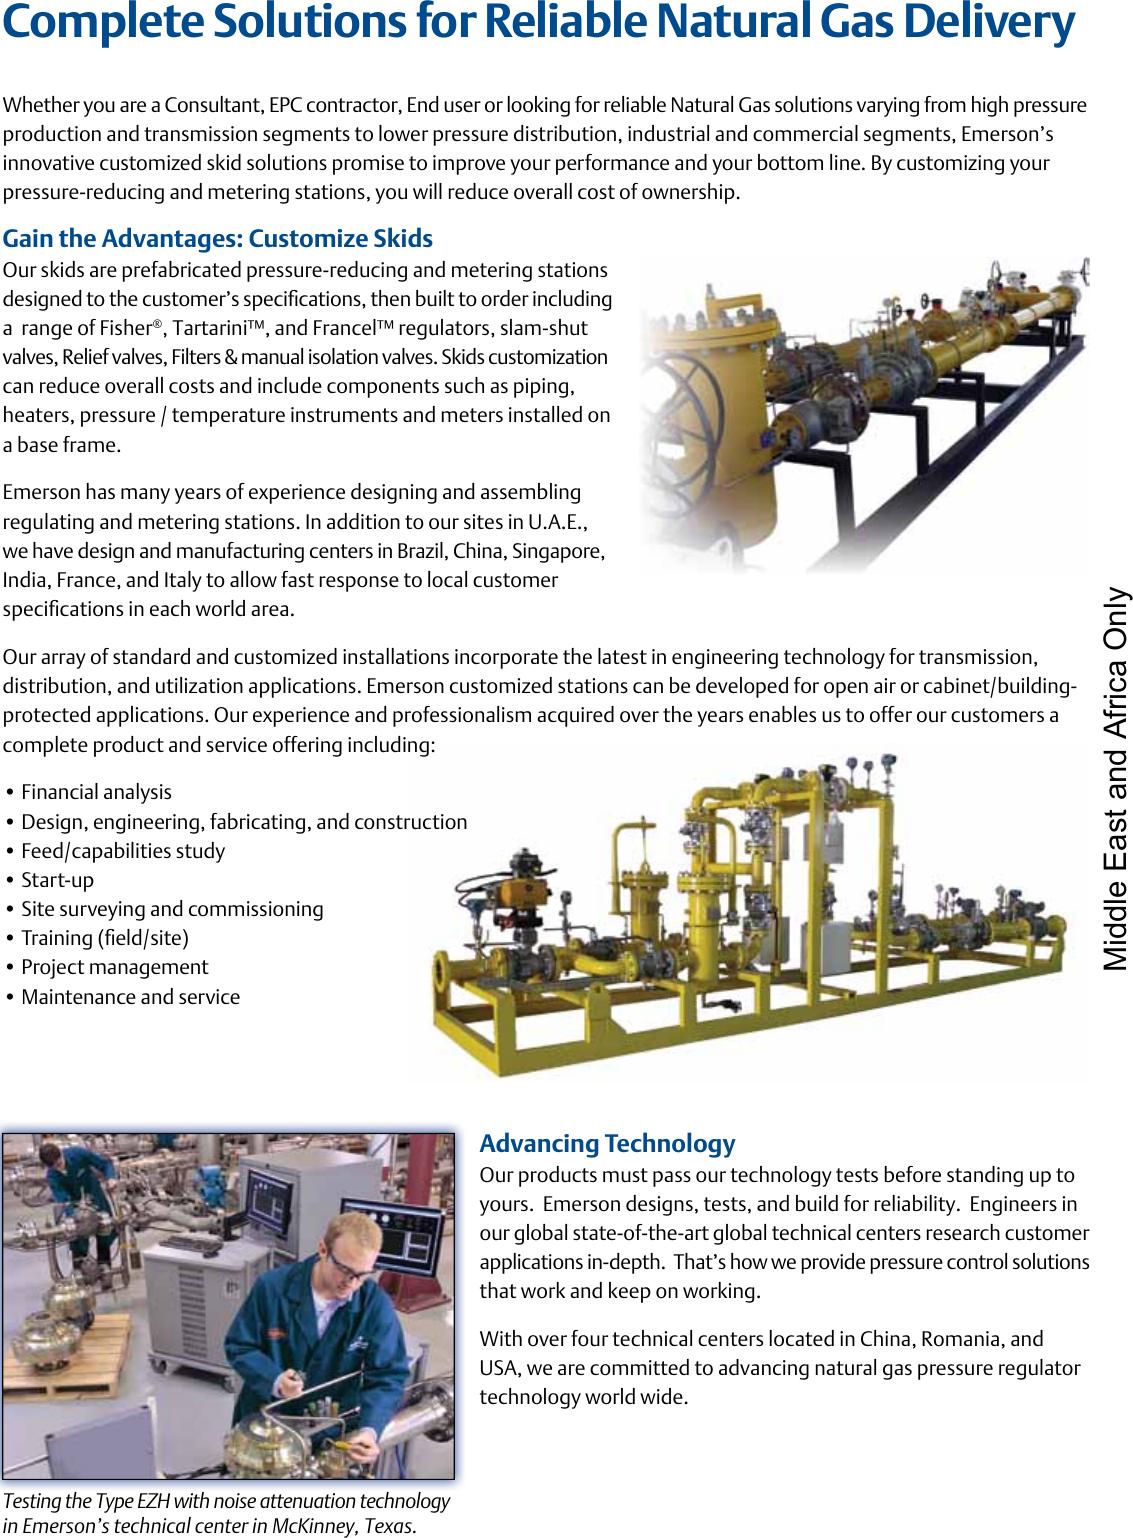 Emerson 133 Series Pressure Reducing Regulators Brochure